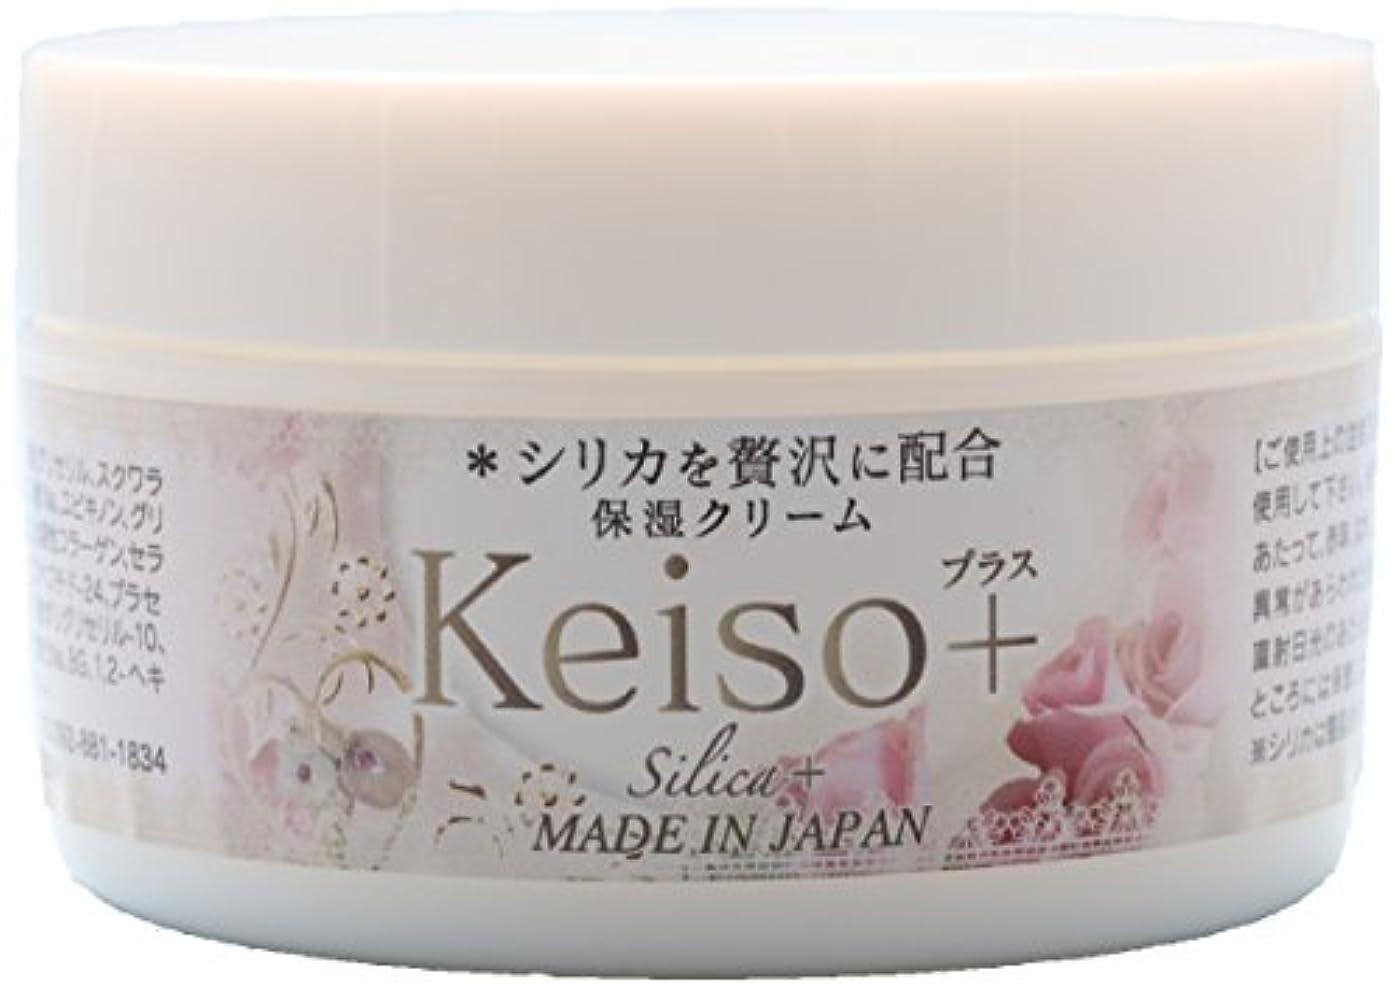 勤勉な規定ナチュラKeiso+ 高濃度シリカ(ケイ素) 保湿クリーム 100g Silica Cream